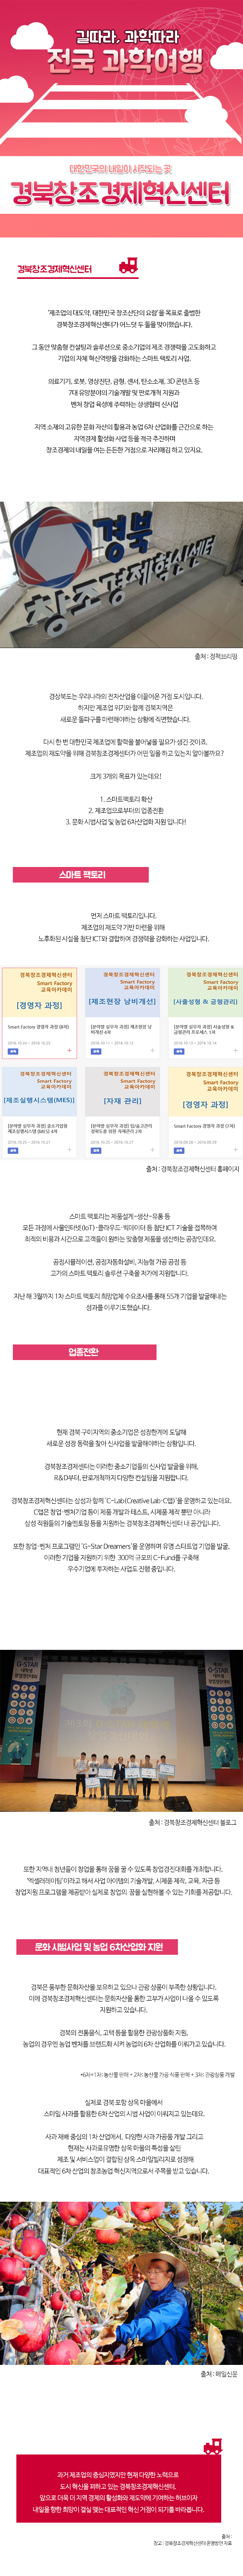 [커뮤니케이션웍스]_전국과학여행_경북창조경제혁신센터